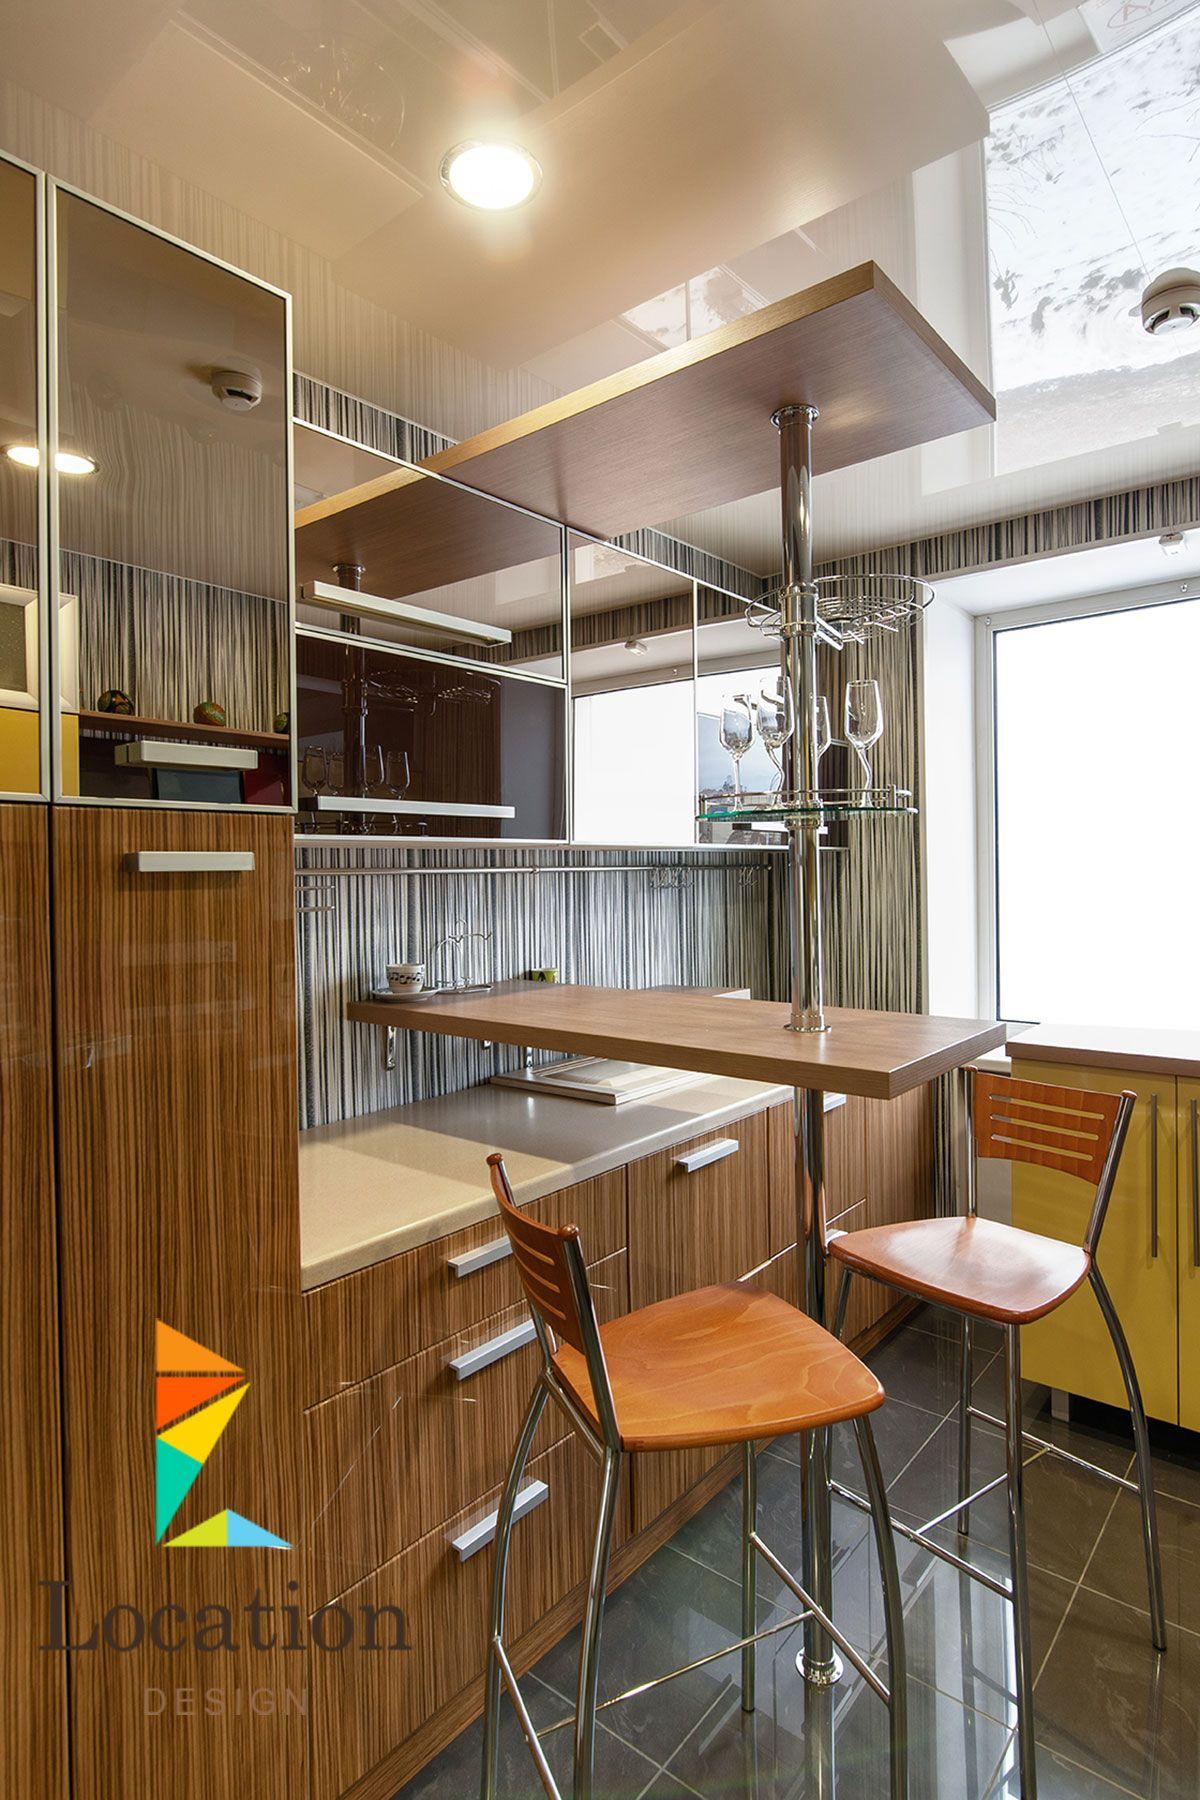 Küchenbeleuchtung ideen kleine küche أحدثتصميملمطابخمودرنللمساحاتالصفيرةوالصغيرةجدالوكيشن